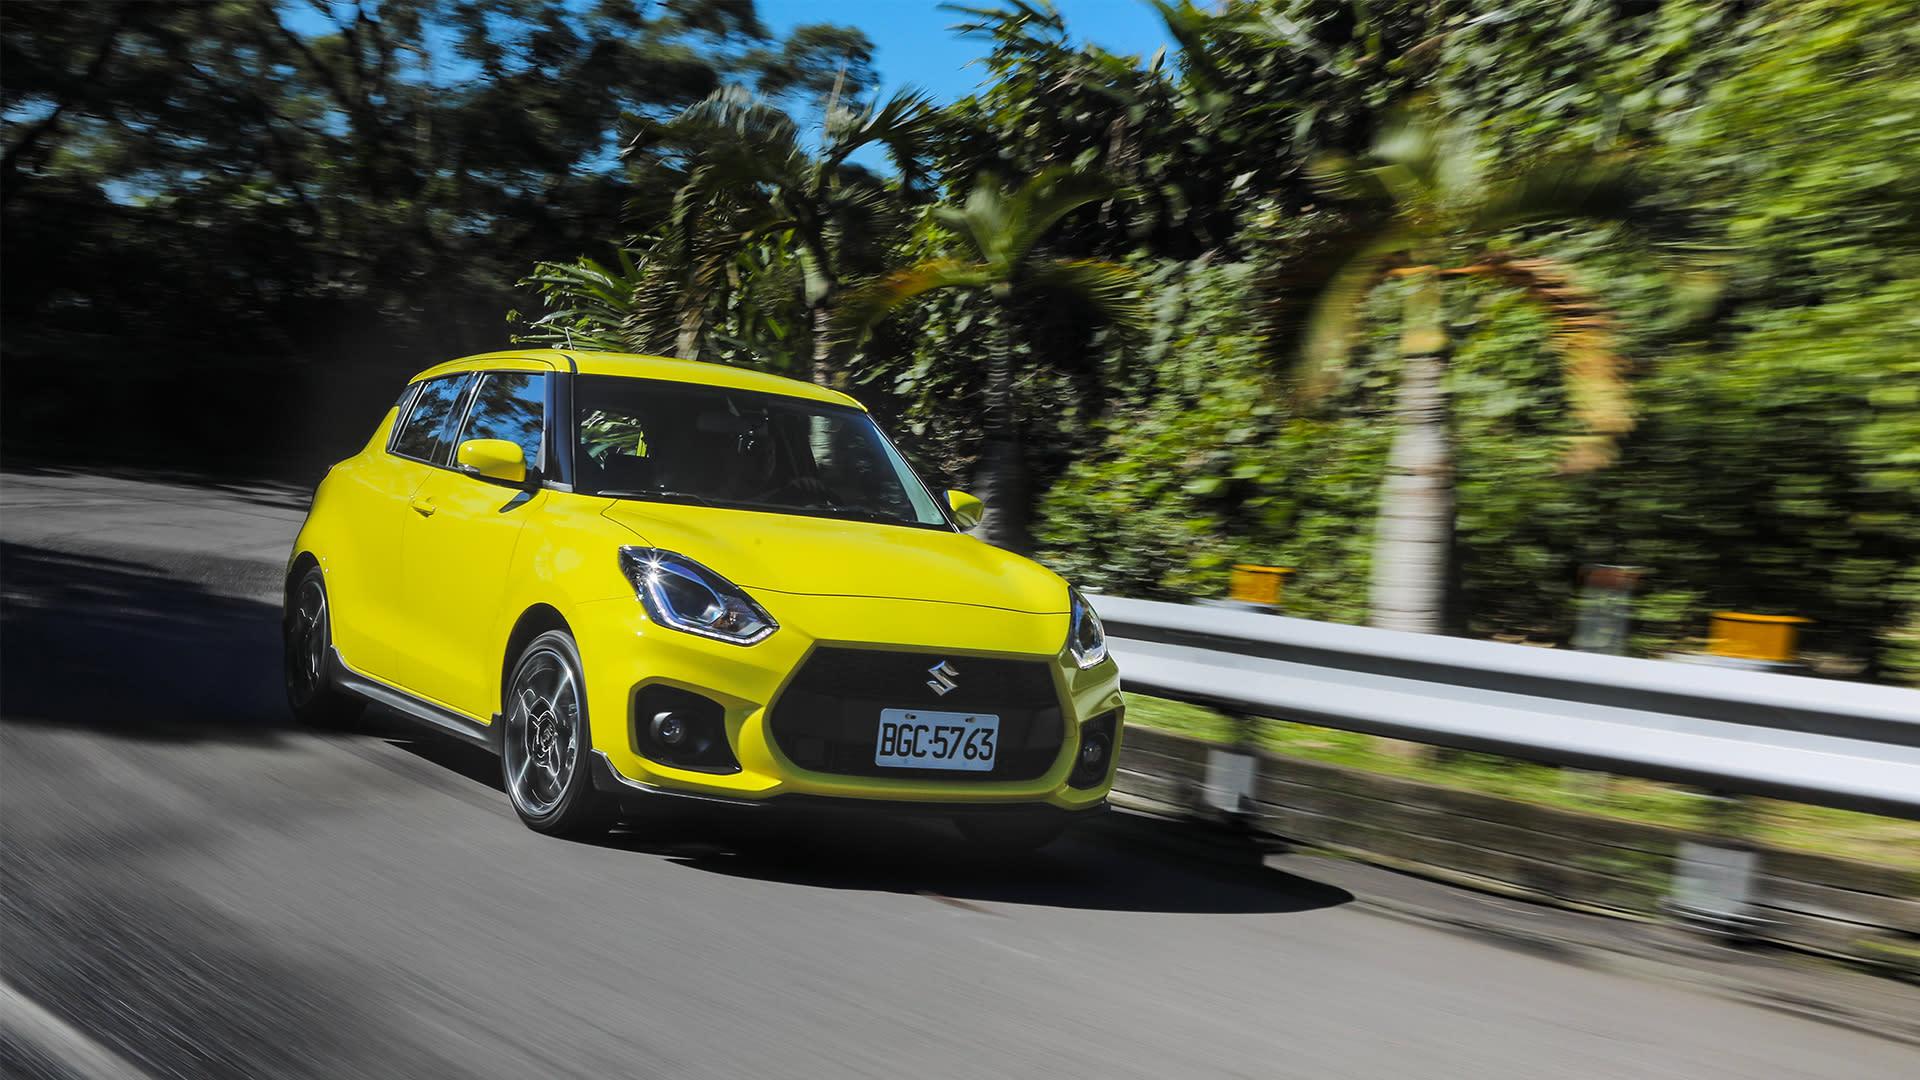 油電渦輪小鋼炮首選!手排樂趣大躍進|SUZUKI SWIFT Sport 新車試駕